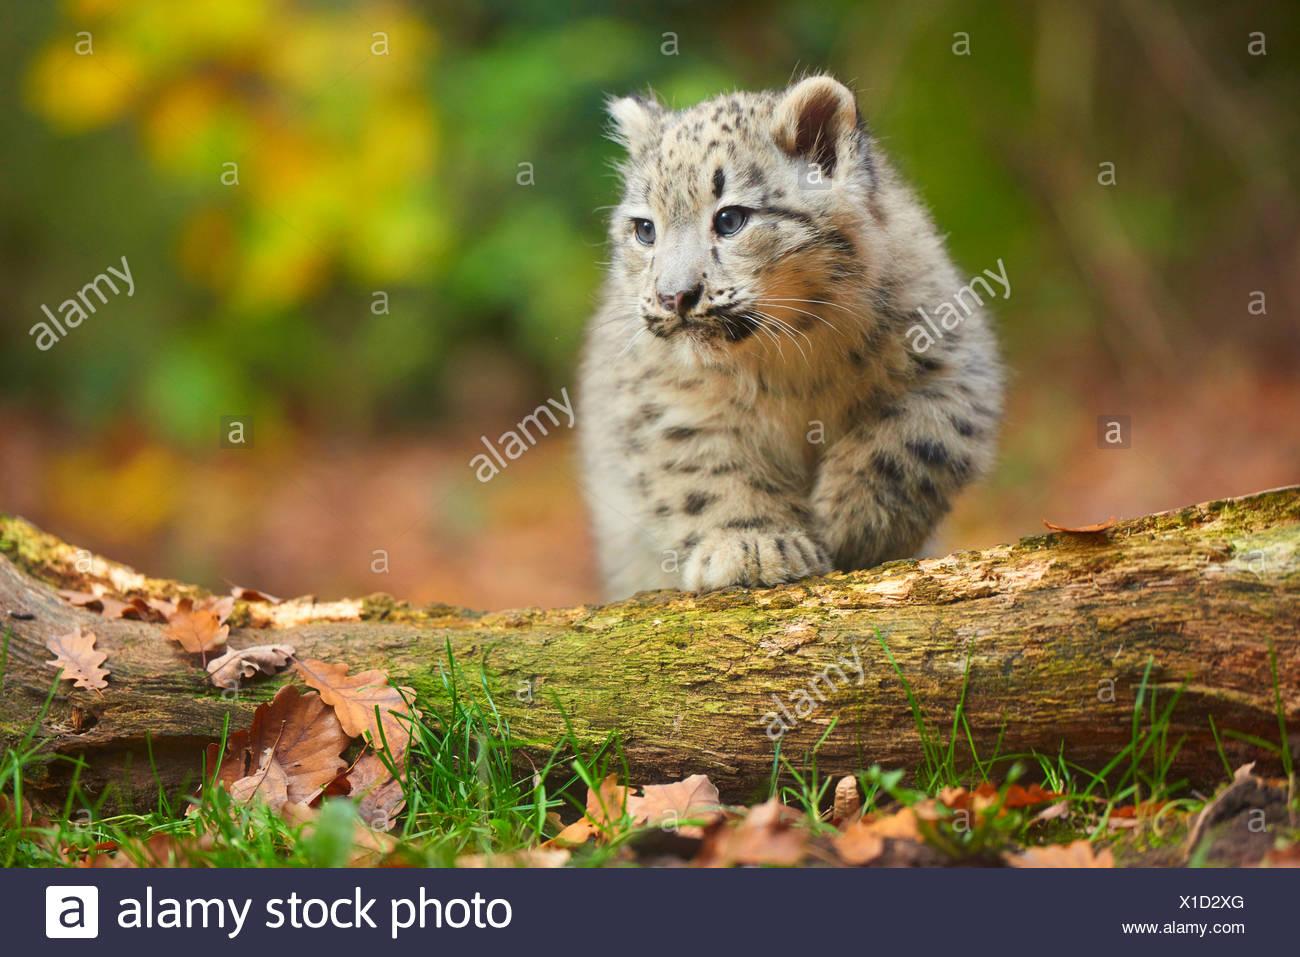 Snow Leopard (Uncia uncia, Panthera uncia), youngster arrampicarsi su un tronco di albero Immagini Stock